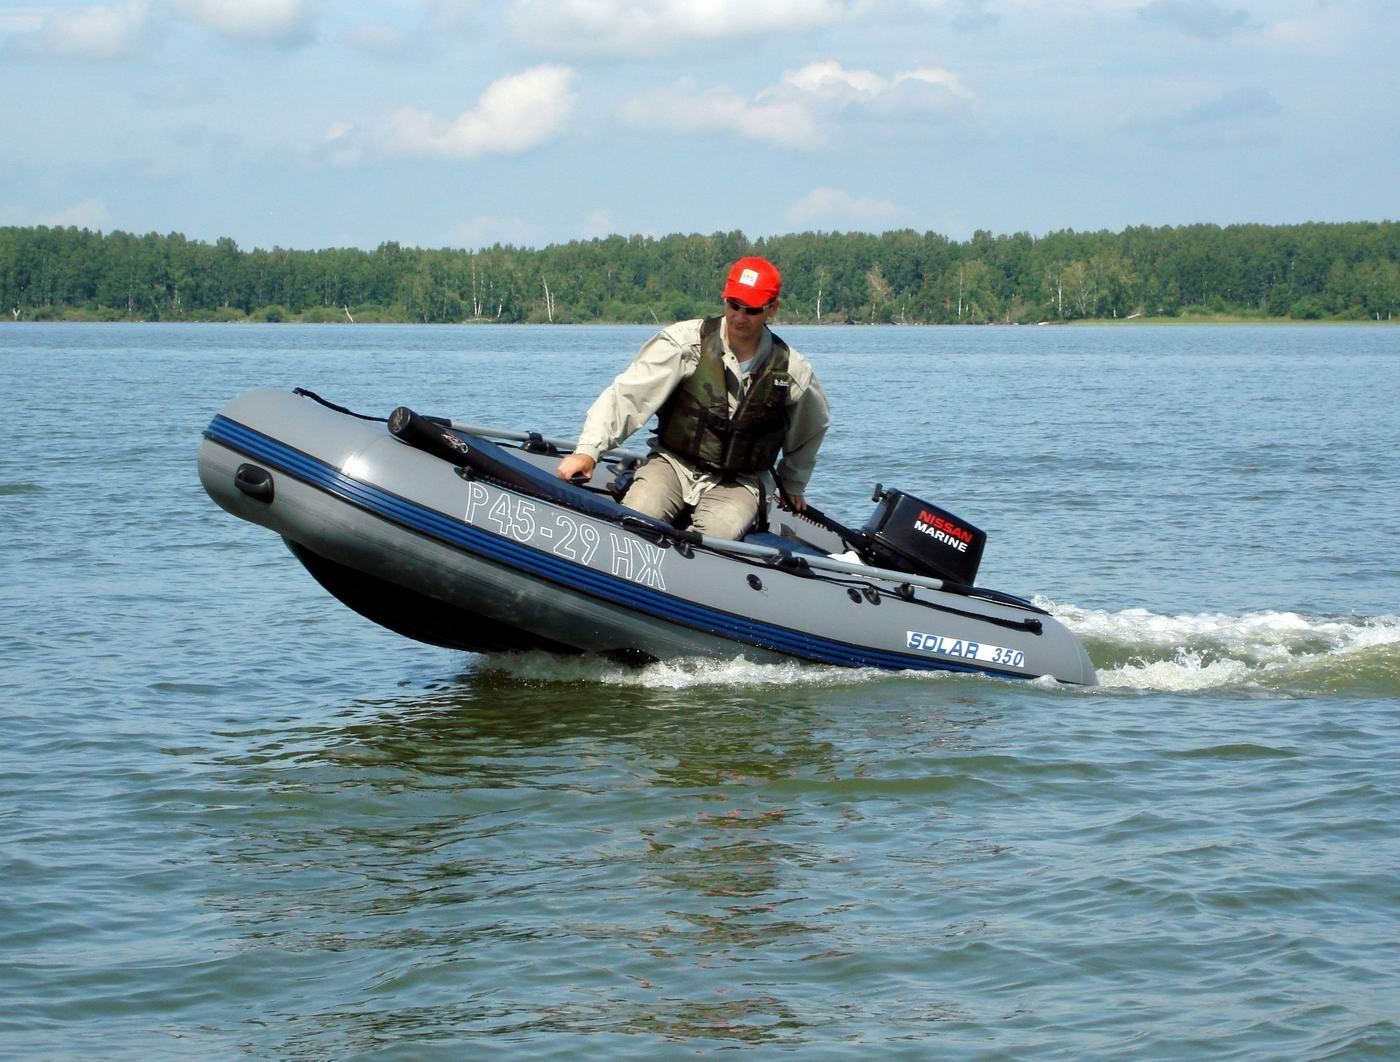 ОВХ. Лодка Солар-350М. Sergey1024 (сергей) вперед, на рыбалку!